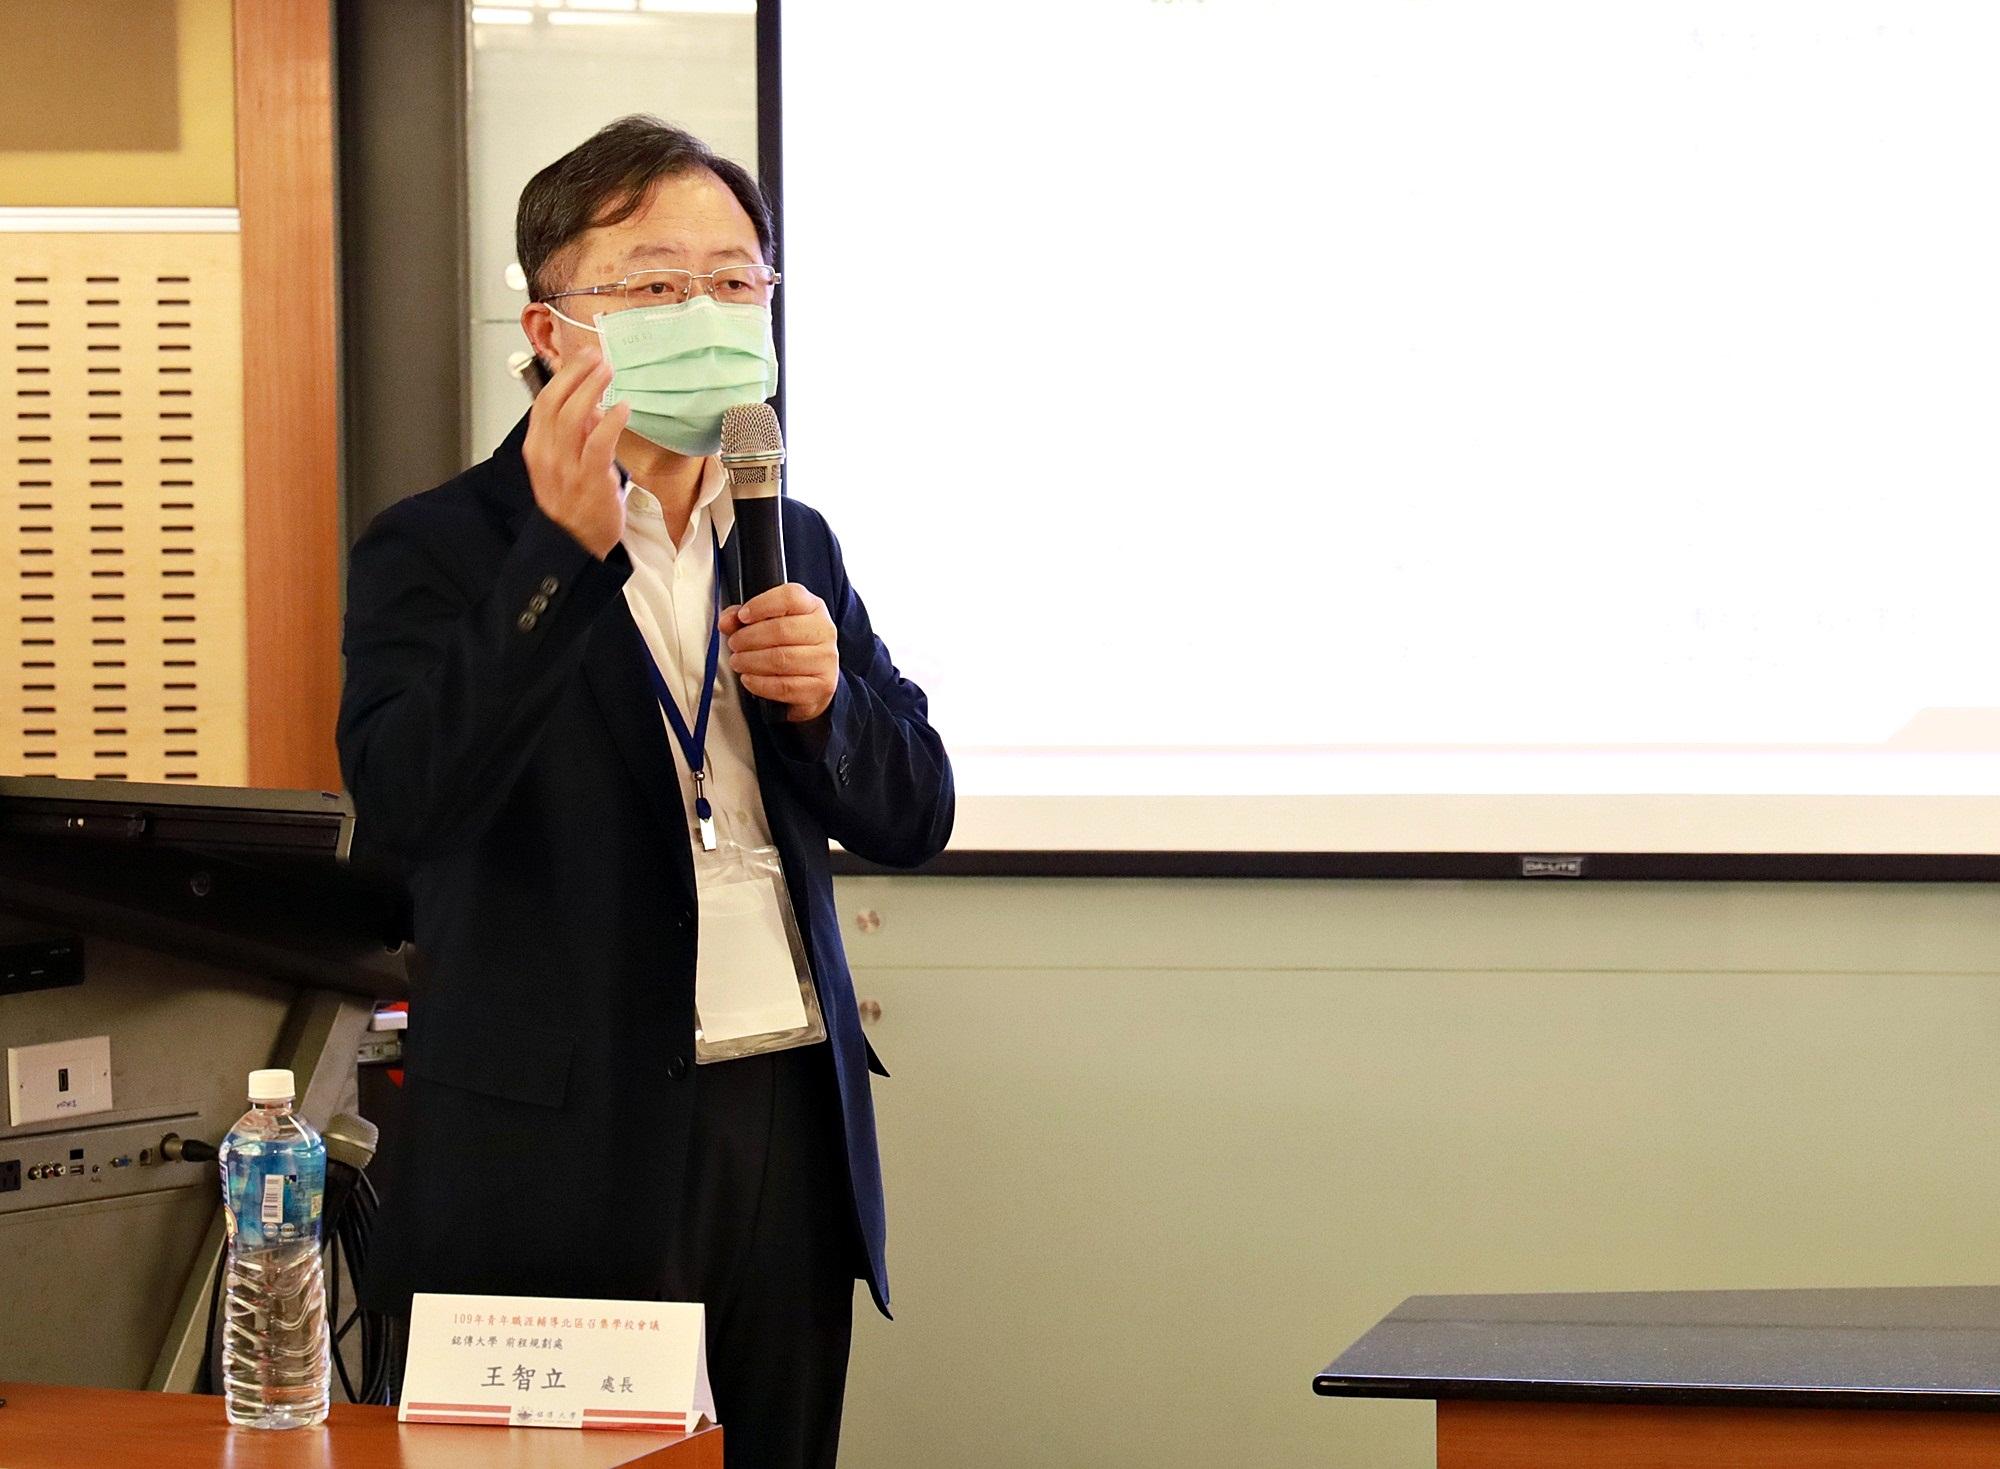 銘傳大學前程規劃處處長王智立進行業務報告。攝影/陳雪柔